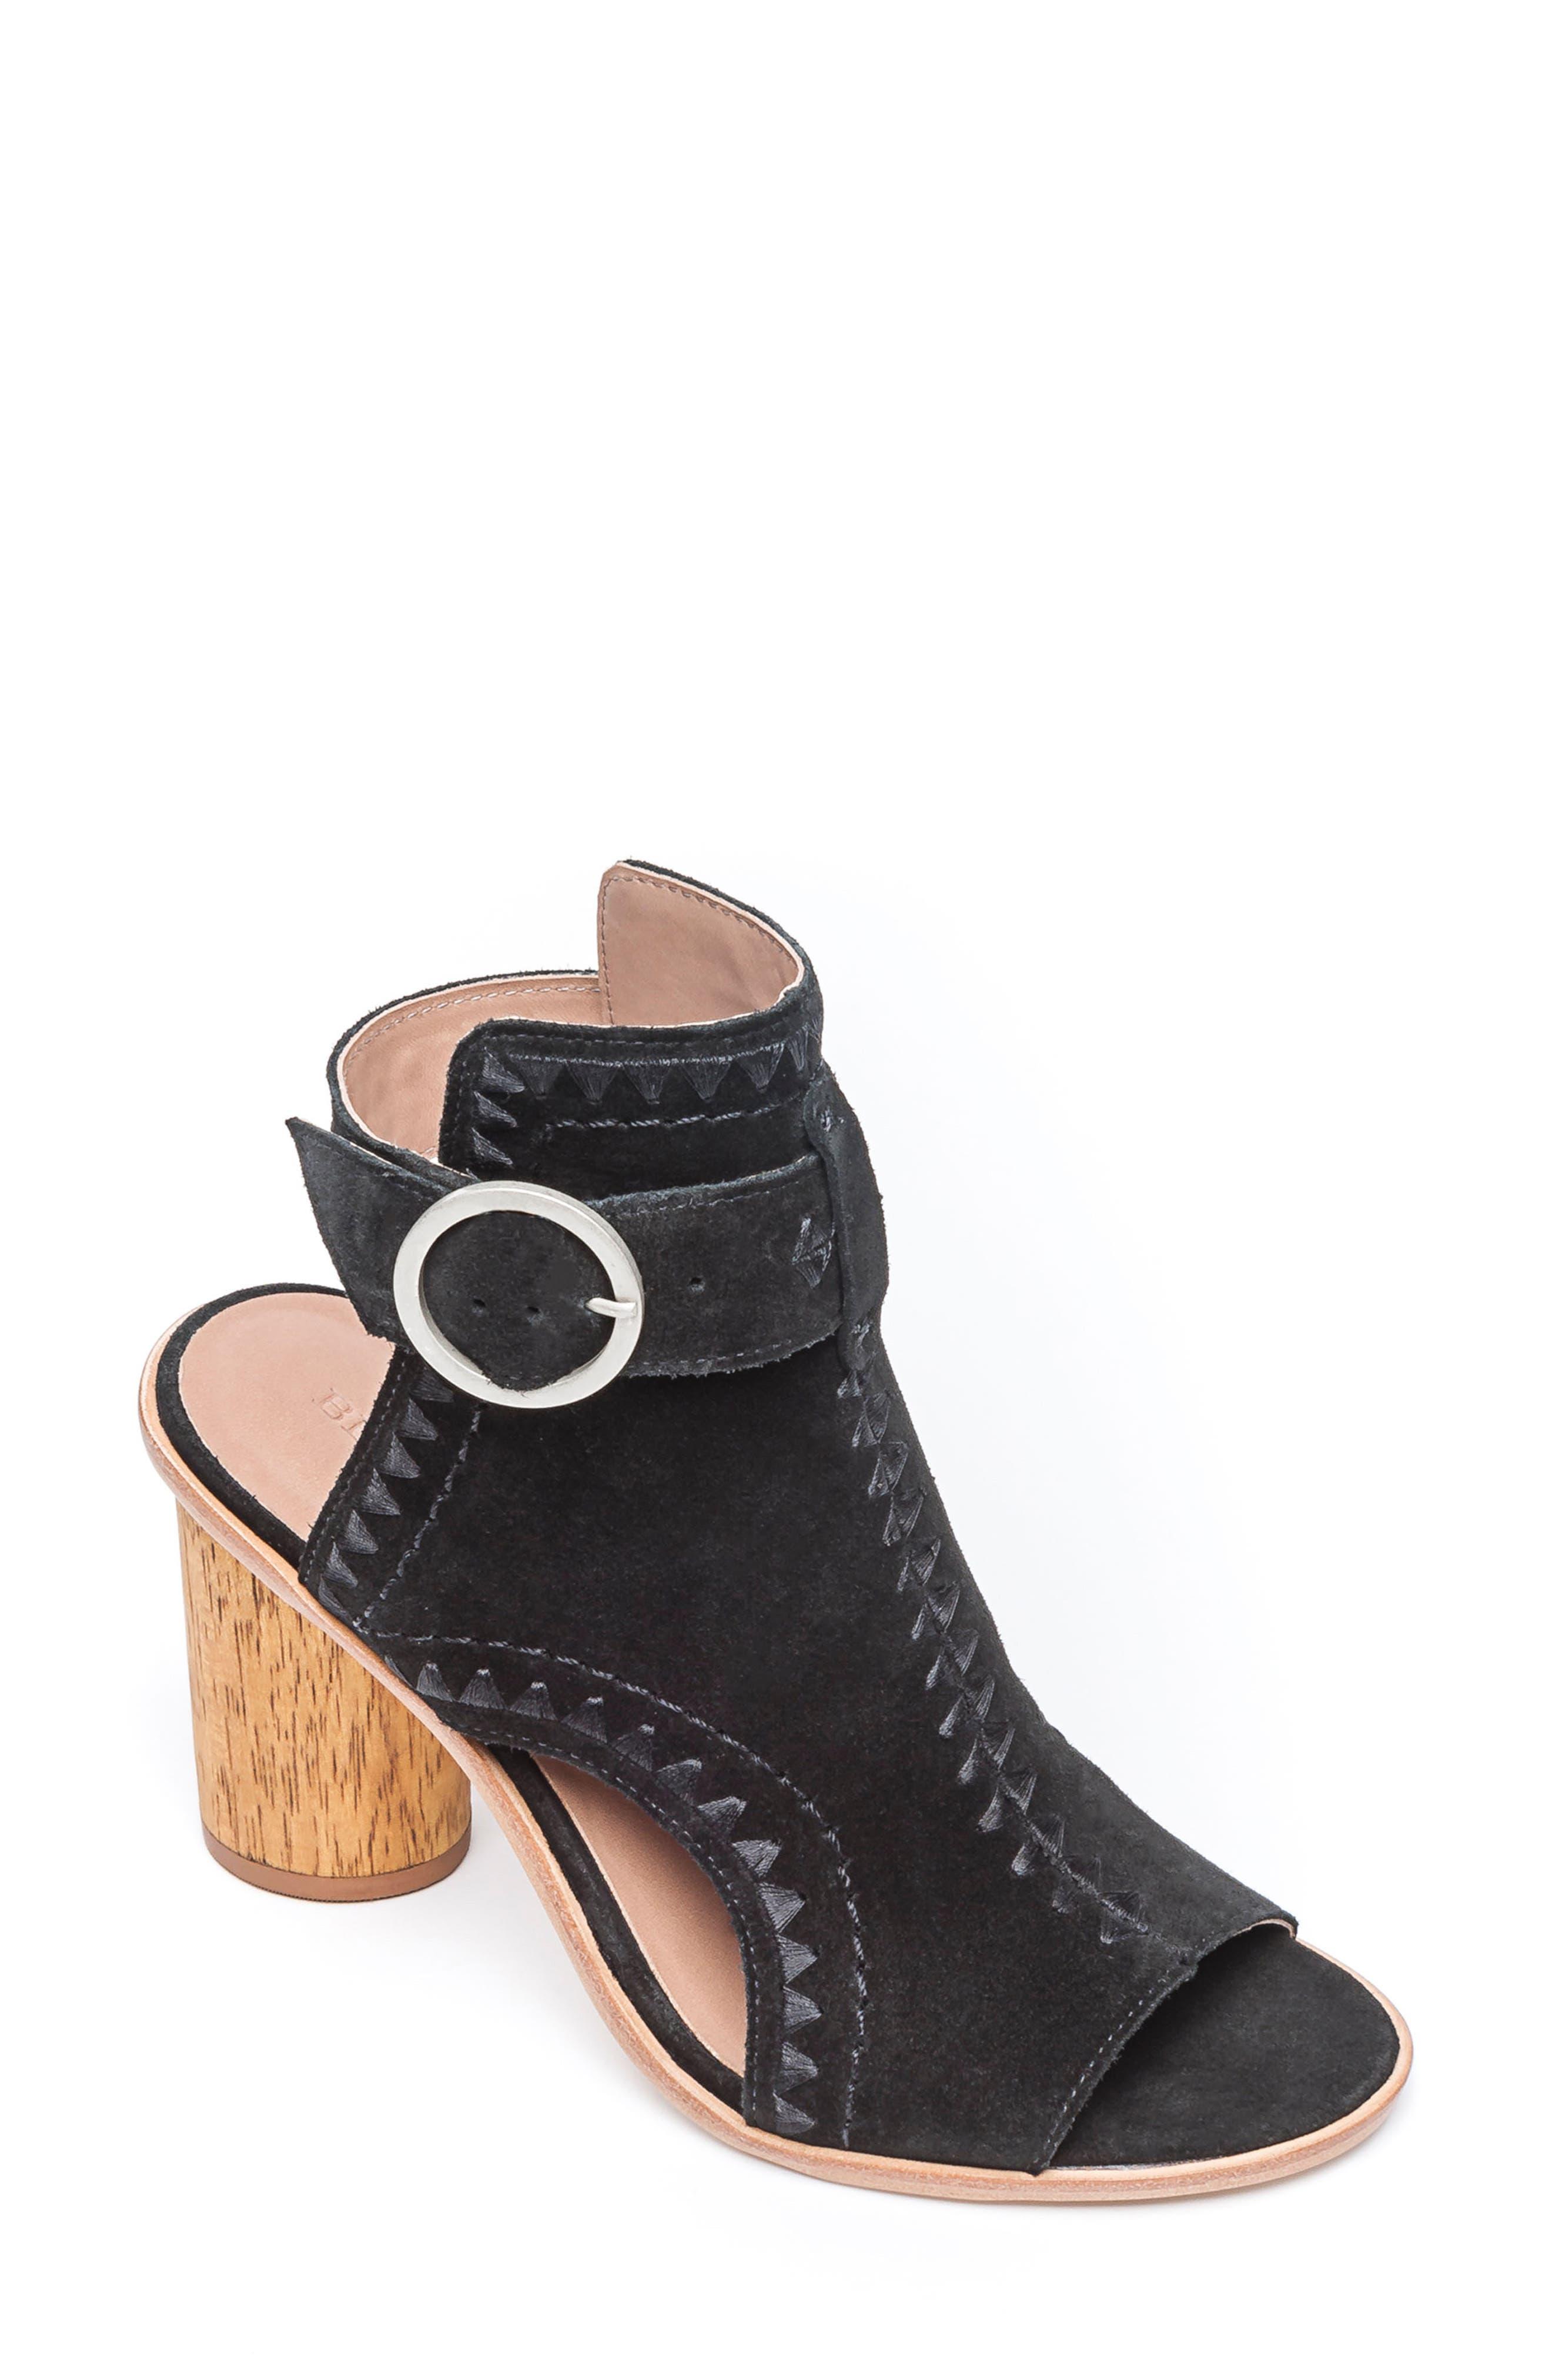 BERNARDO Harper Embroidered Sandal, Main, color, BLACK LEATHER